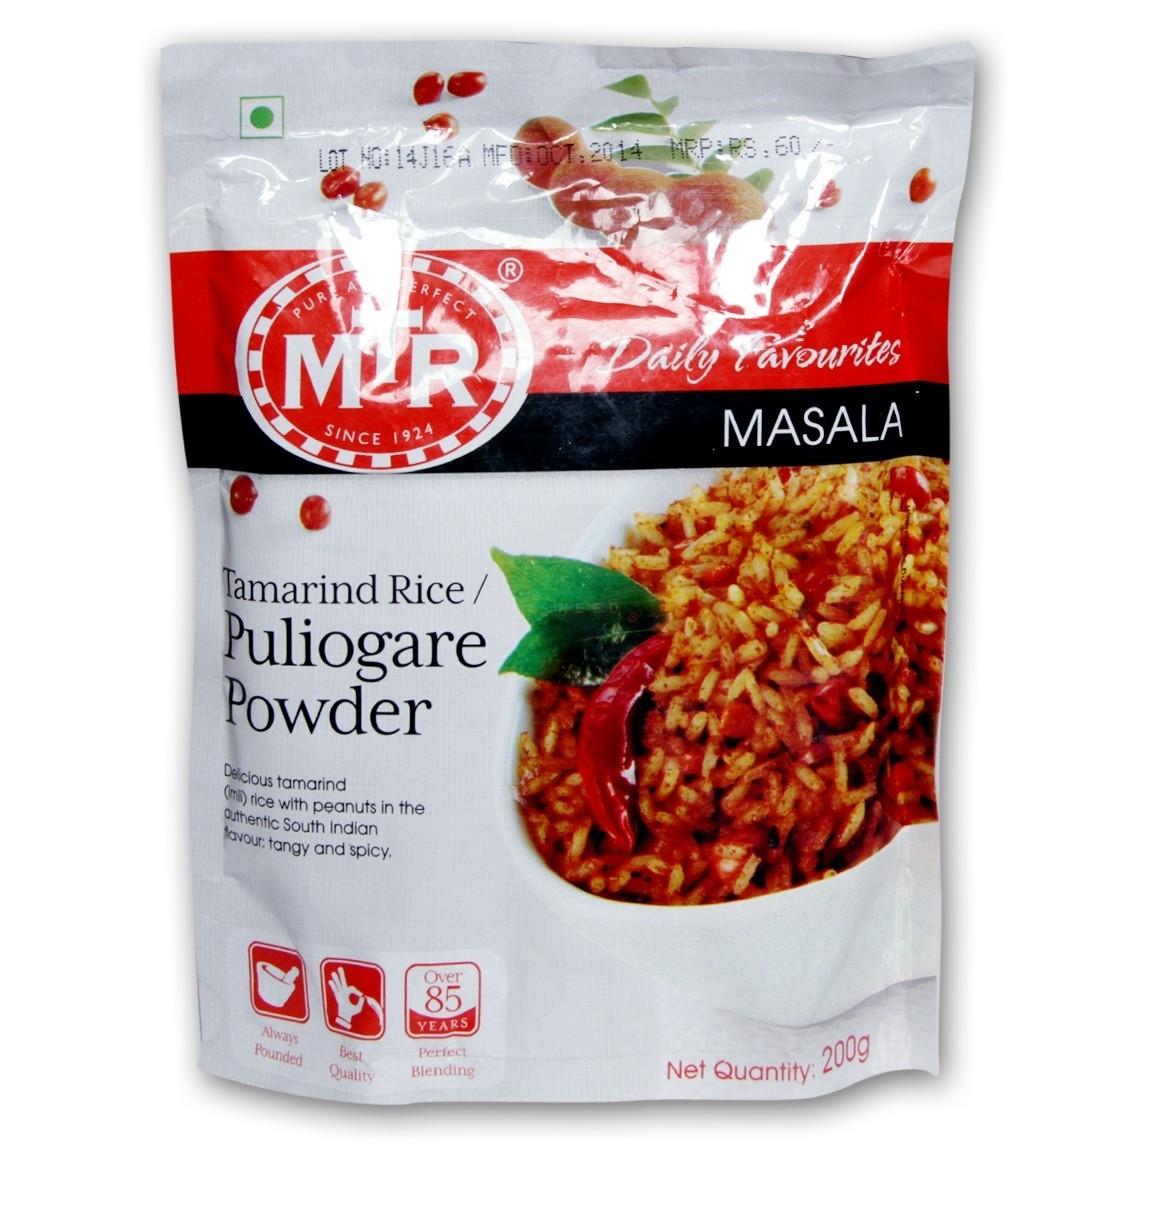 MTR's Puliogare Powder Image